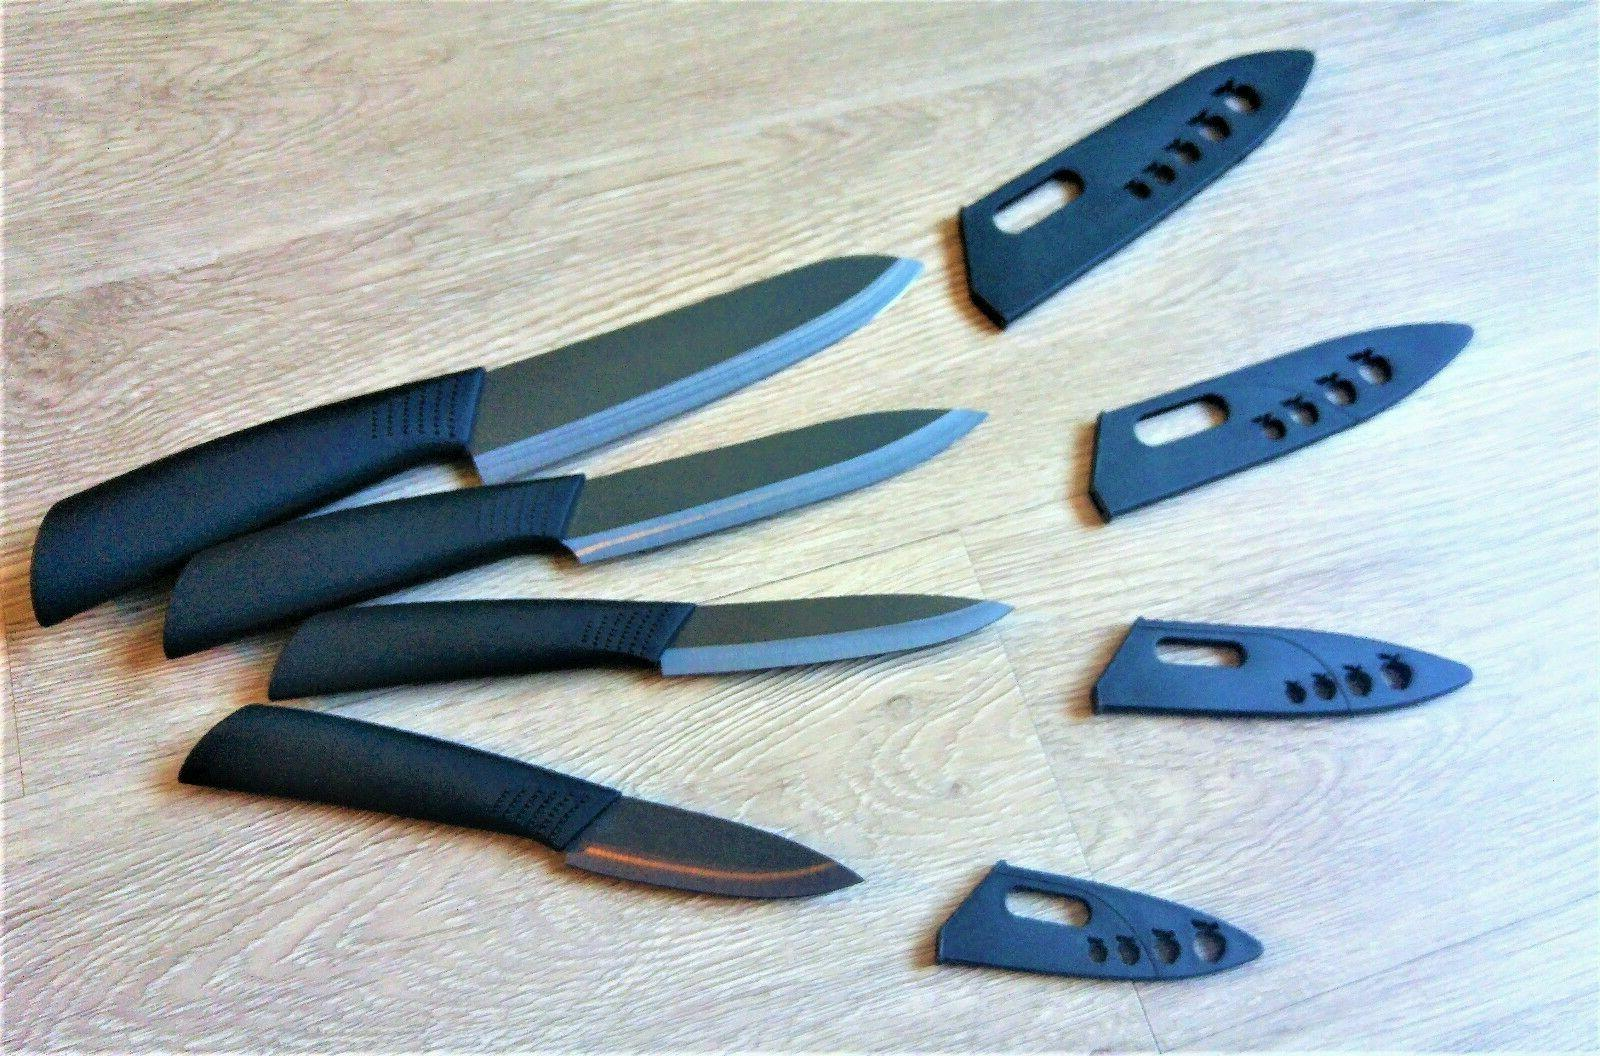 Black Sharp Ceramic Knife Set Knives 6″ + Covers